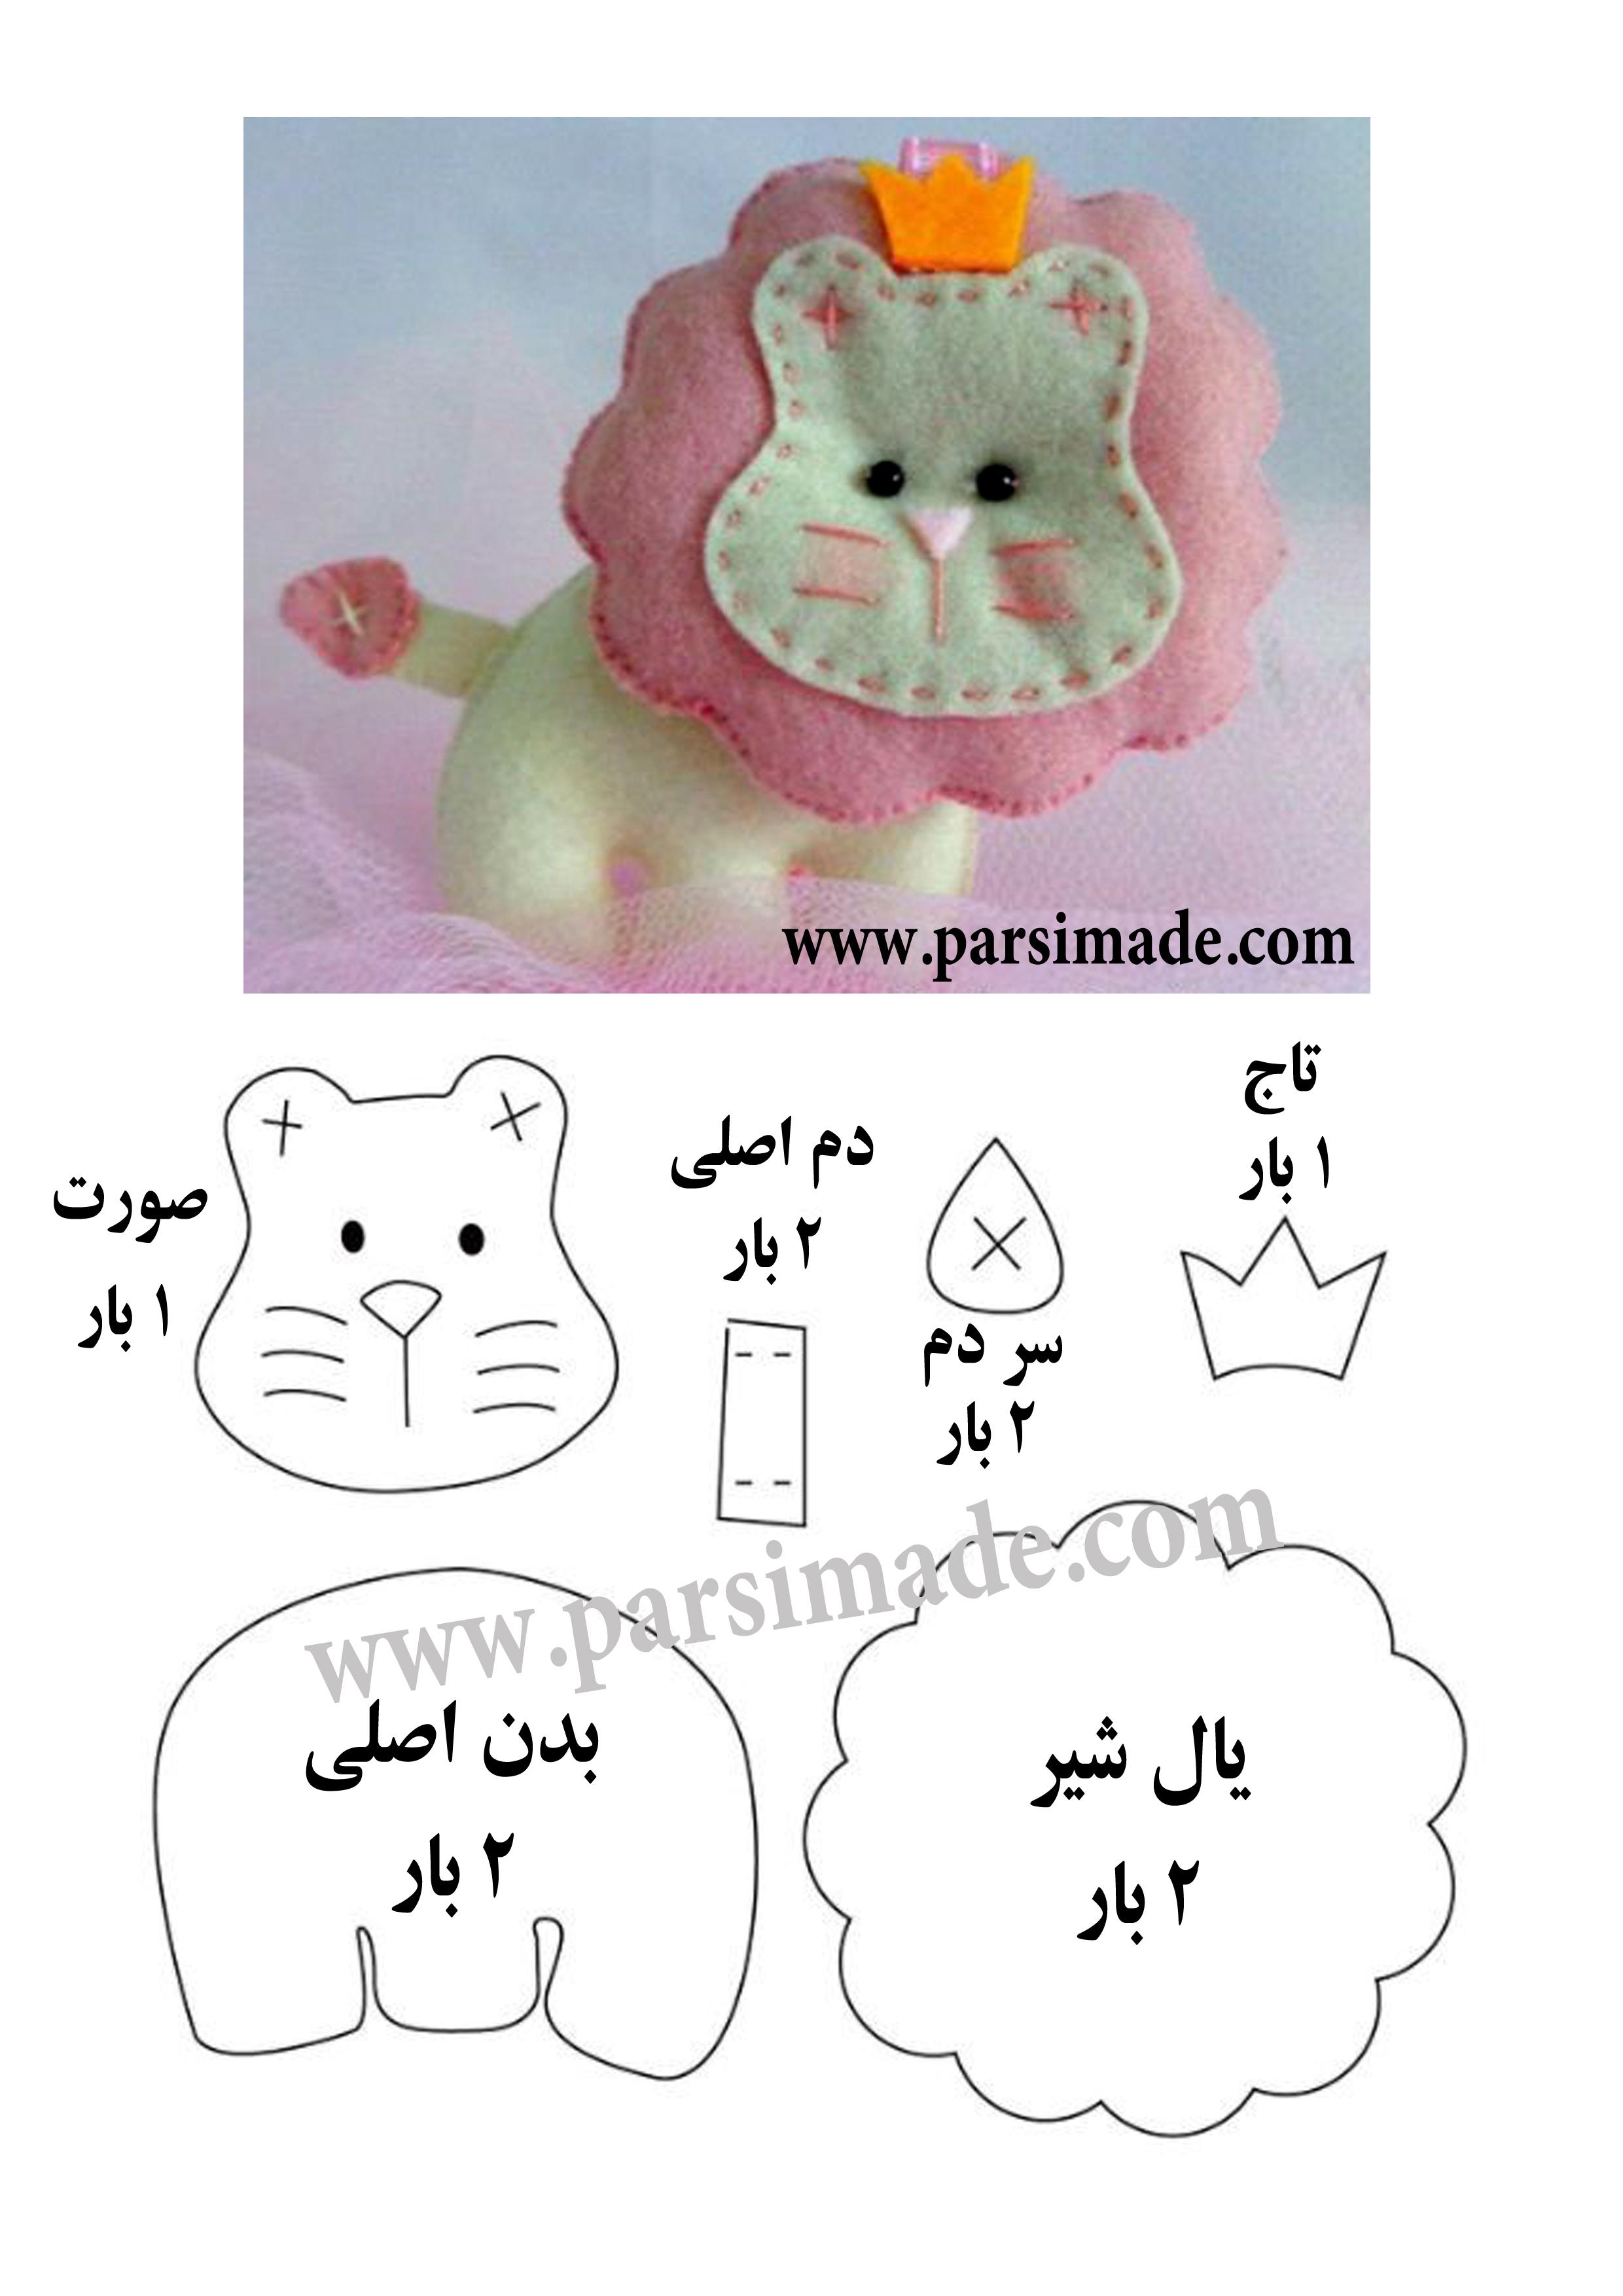 الگوی نعلبکی با نمد عروسک شیر نمدی